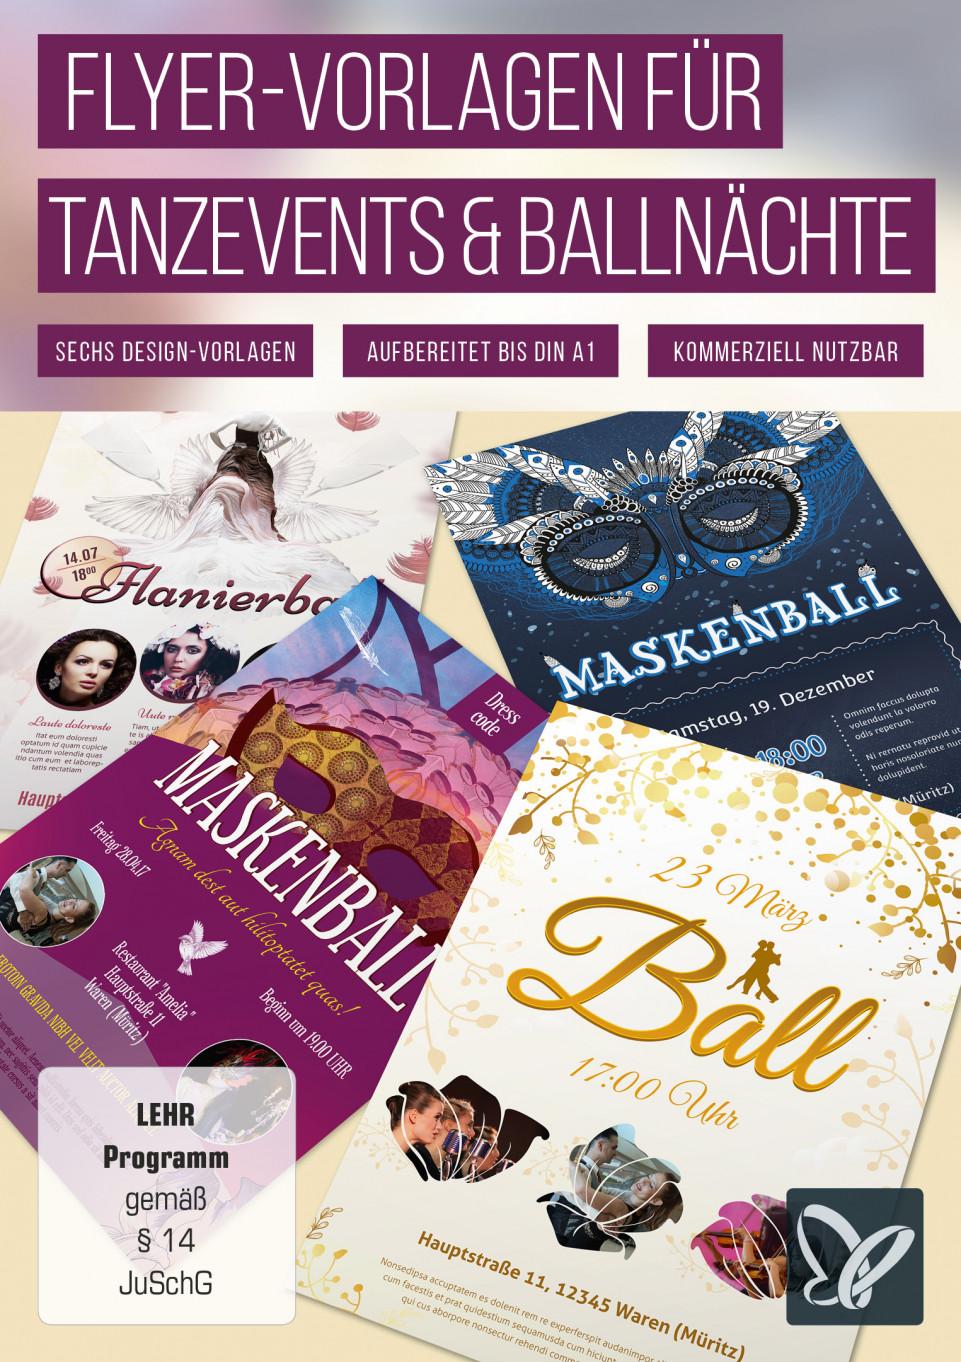 Flyer-Vorlagen für Tanzevents und Ballnächte